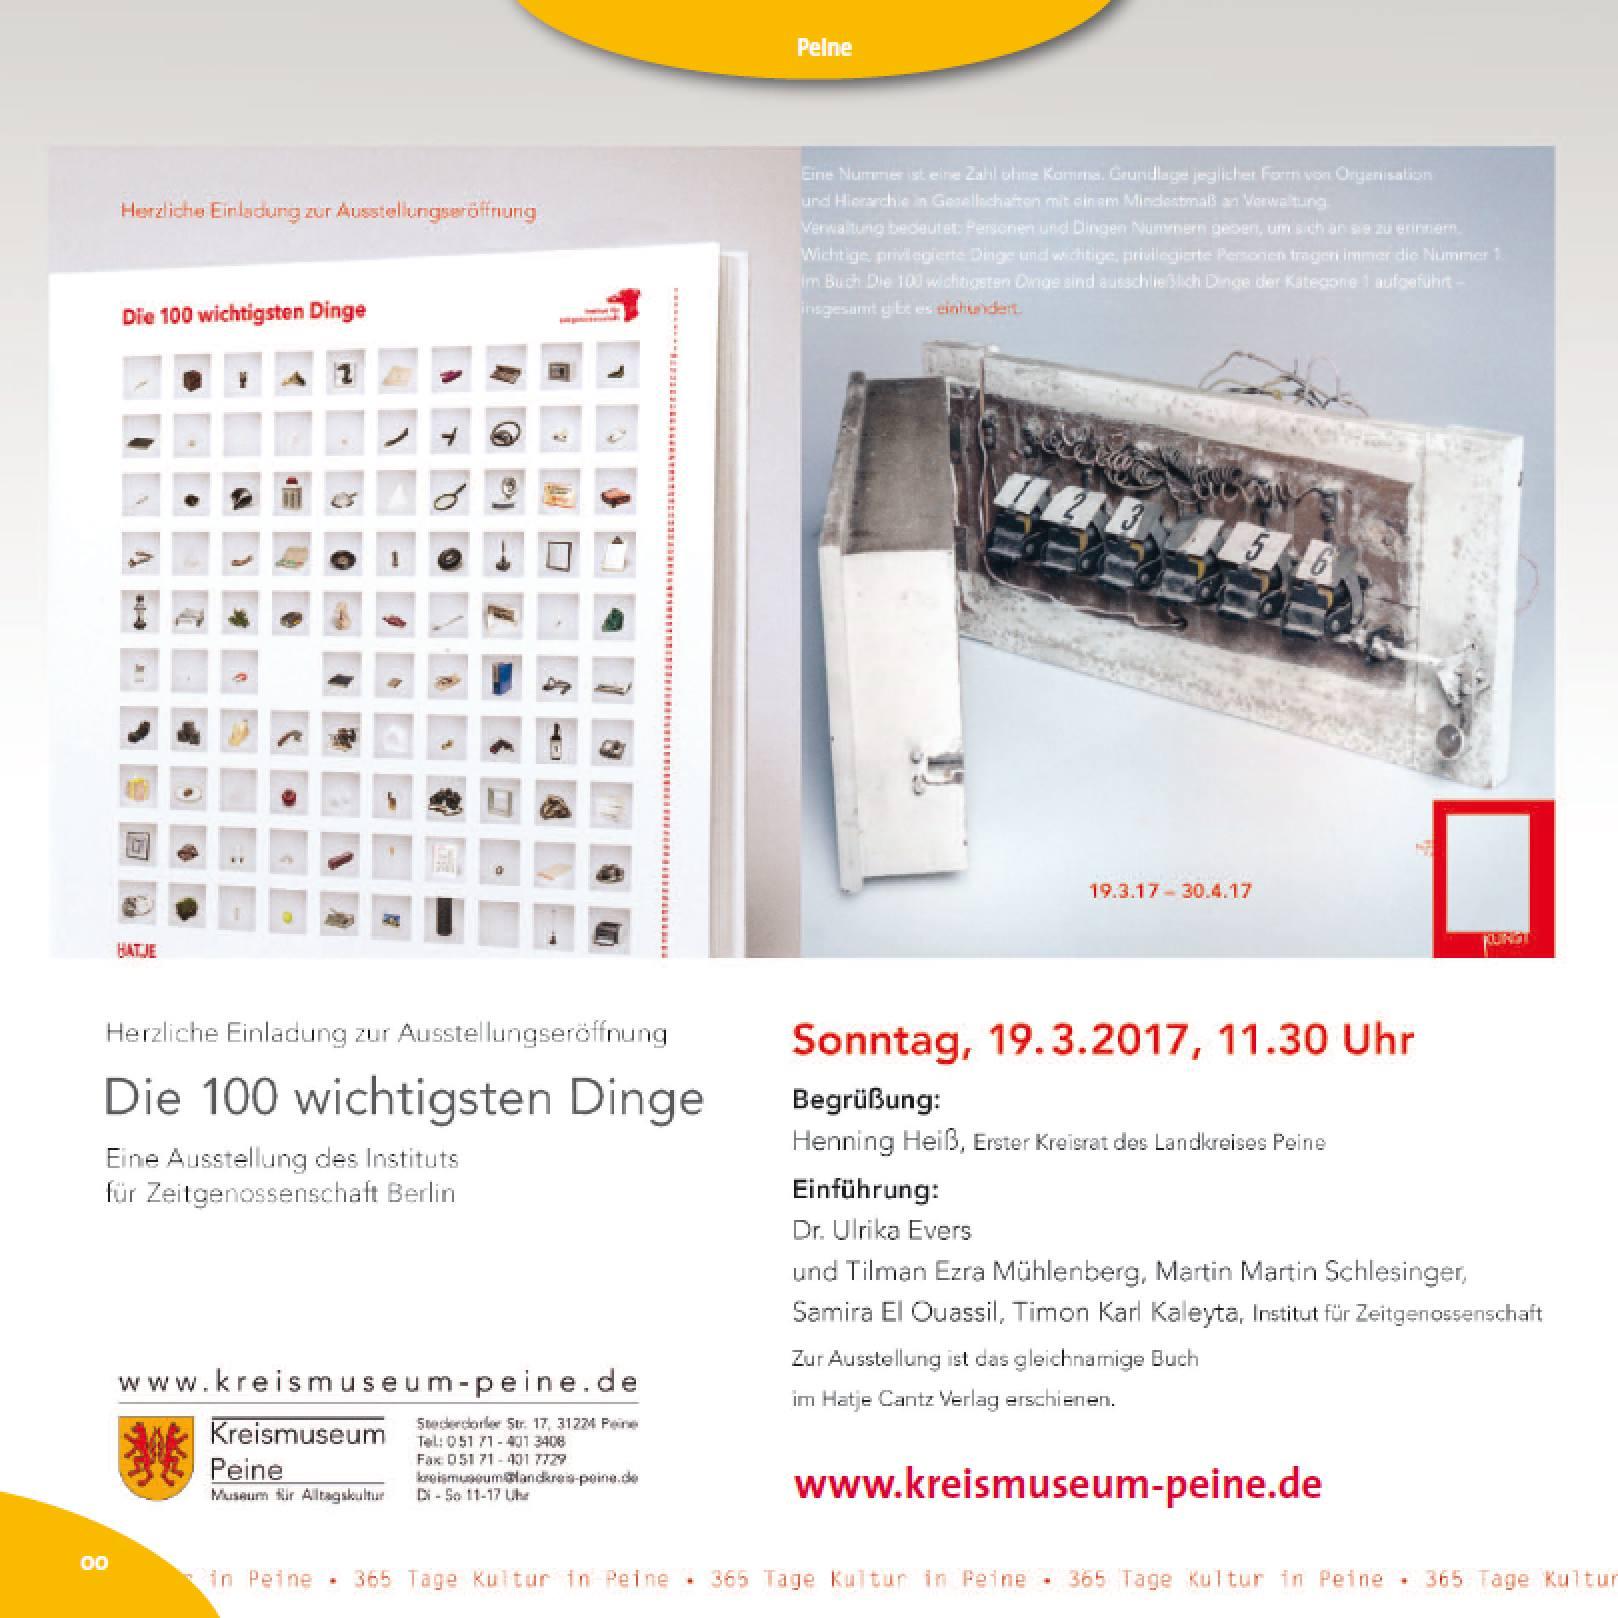 Kreismuseum Peine